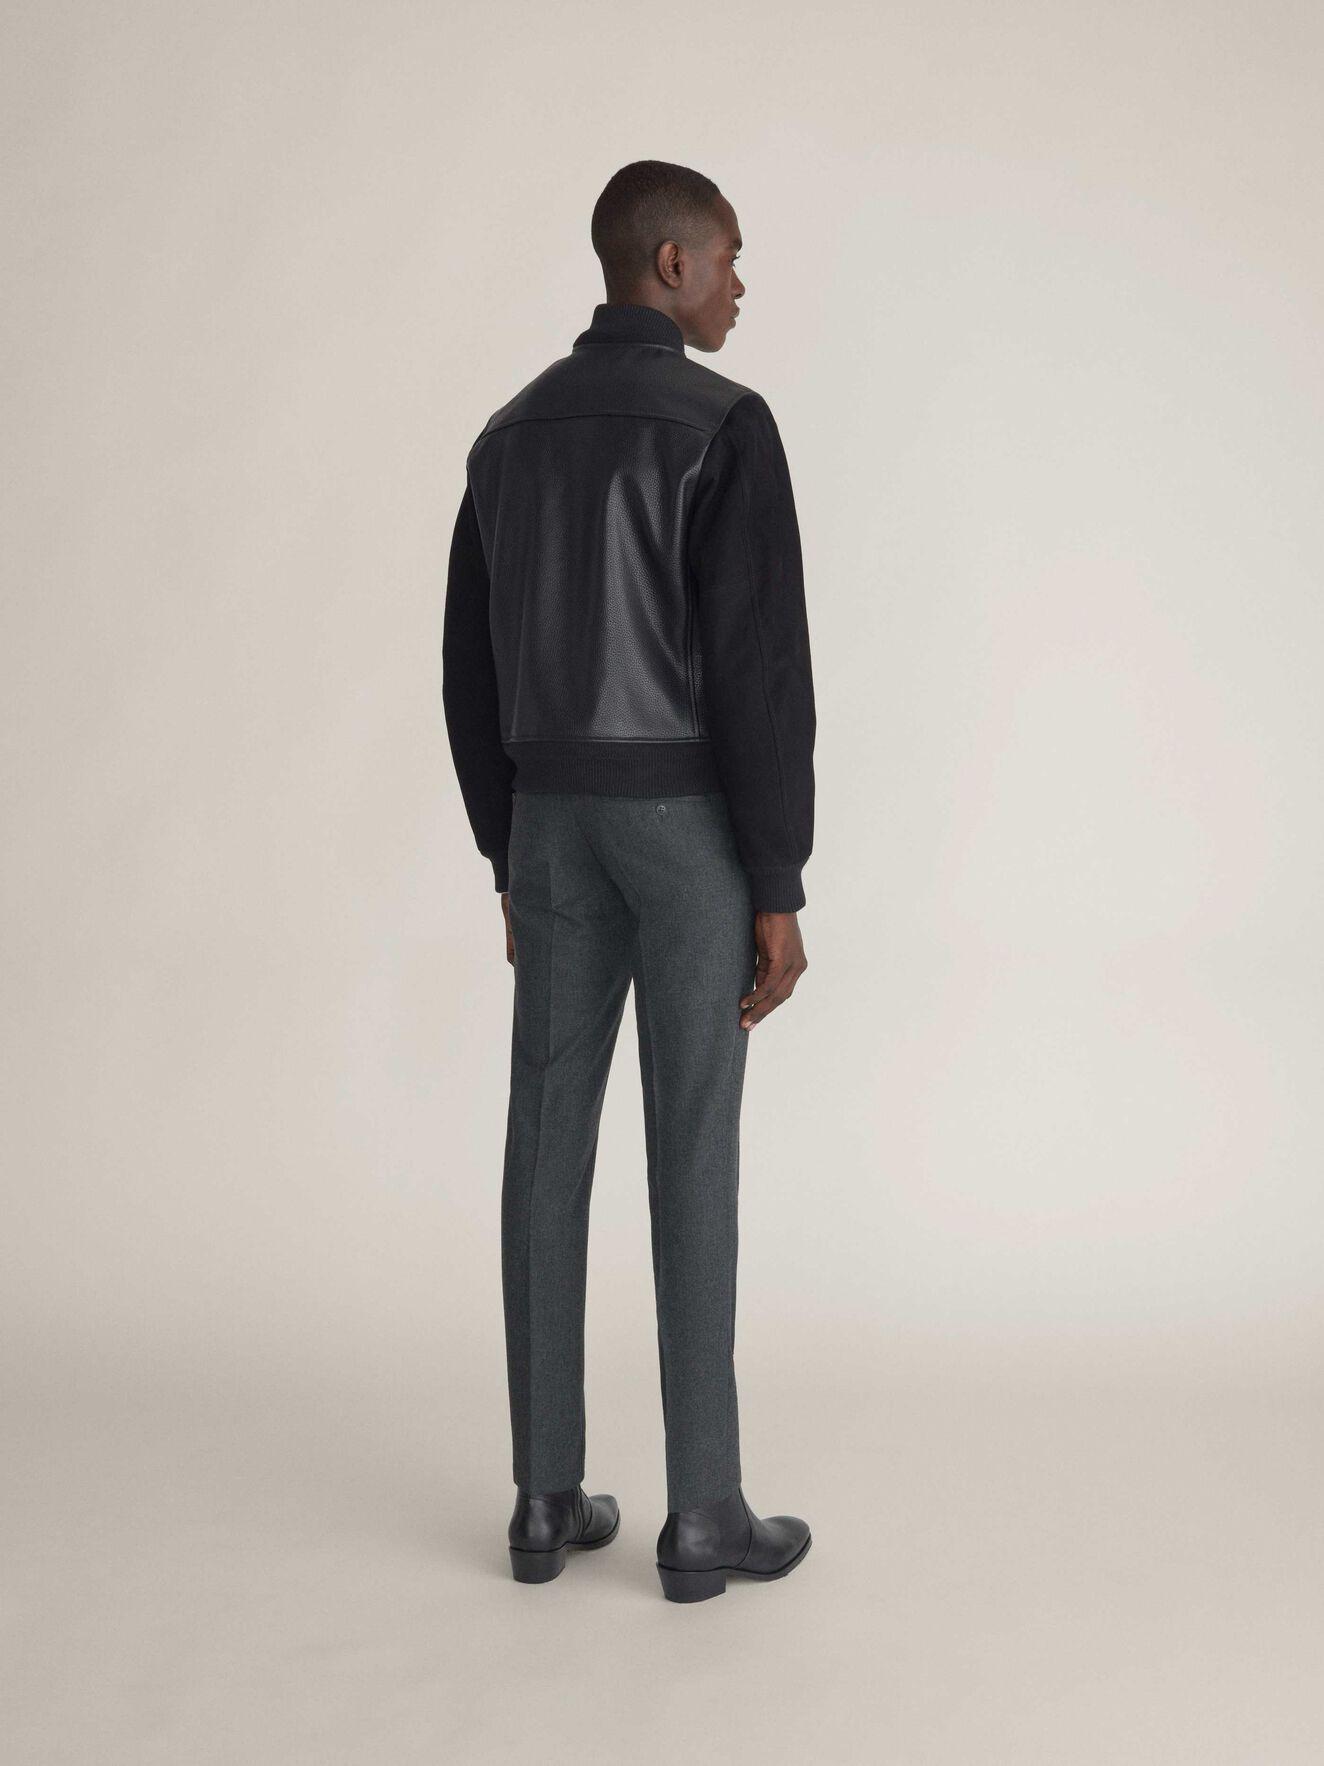 Laslar Jacket in Black from Tiger of Sweden